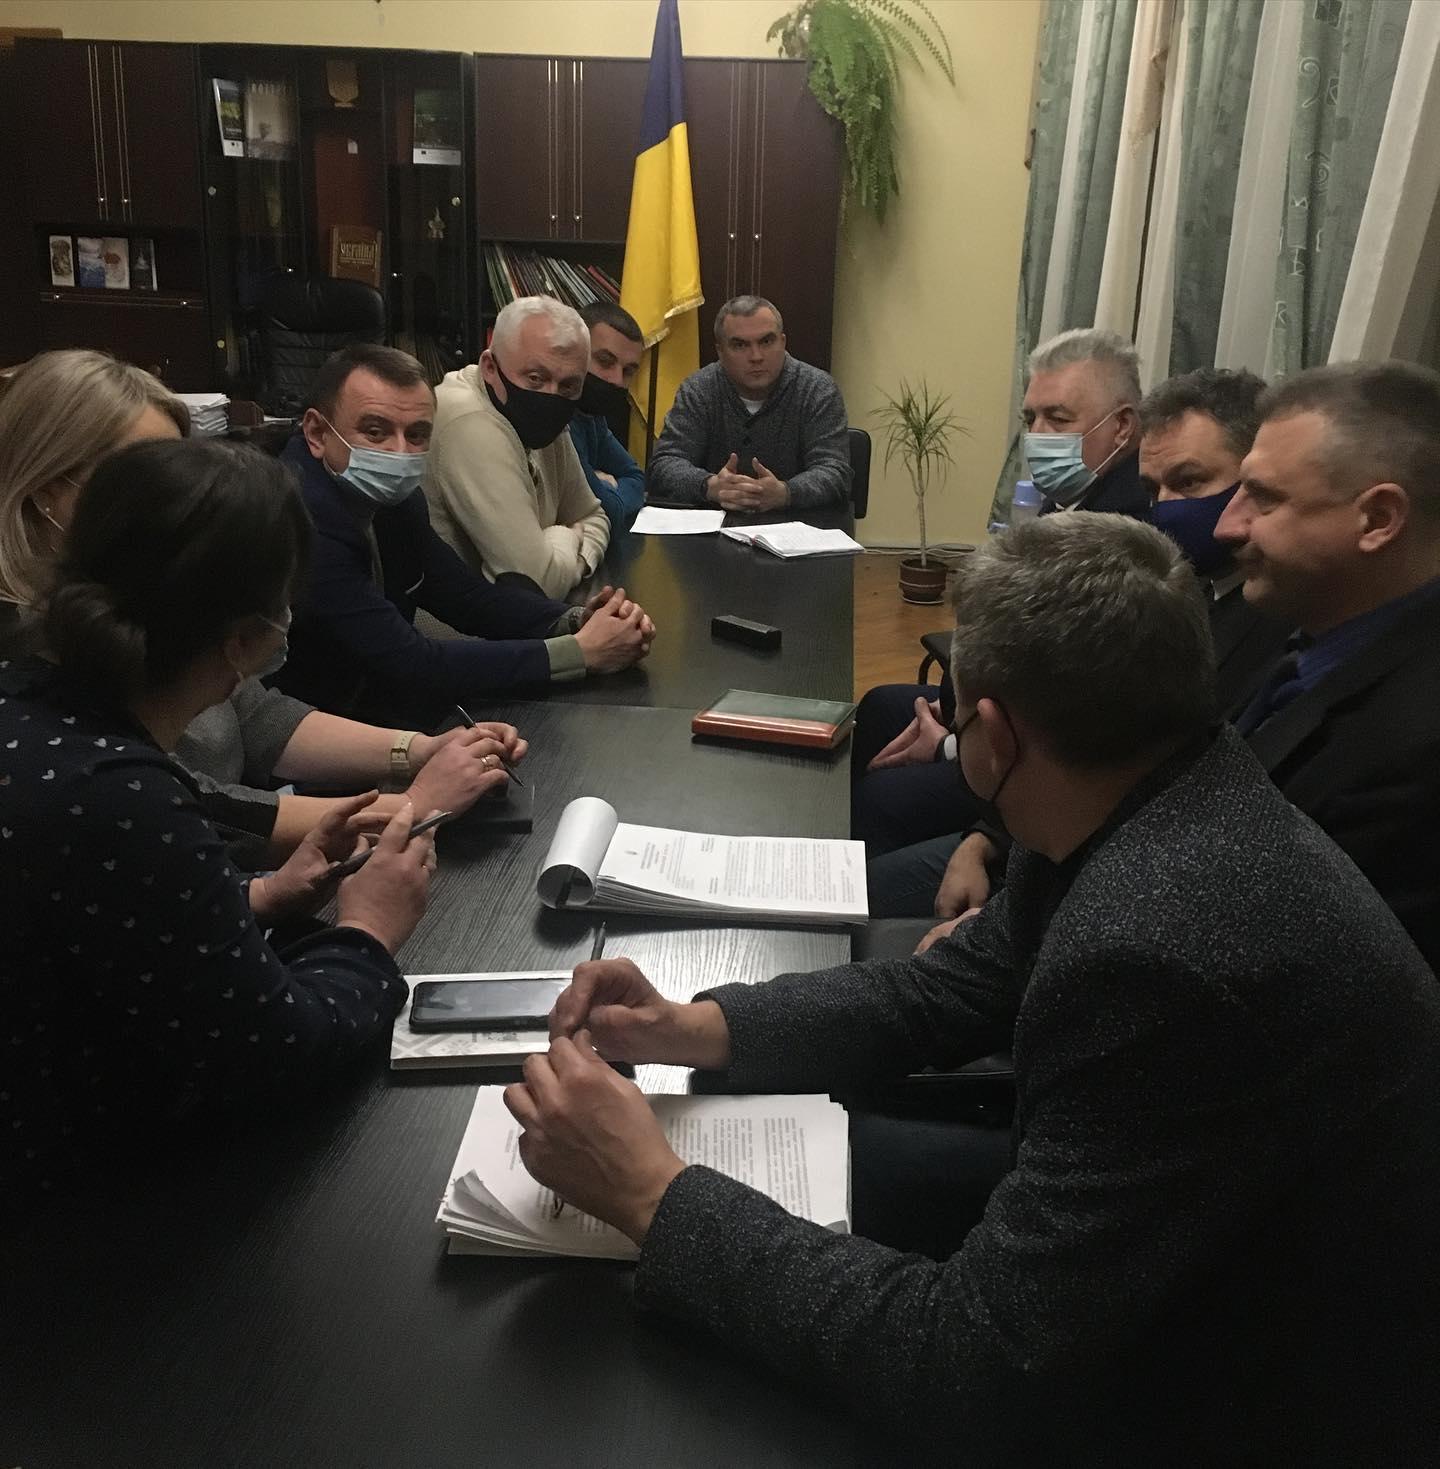 Передали, але не все – у Червоноградському районі триває процес передачі об'єктів власності та майна району у власність громад